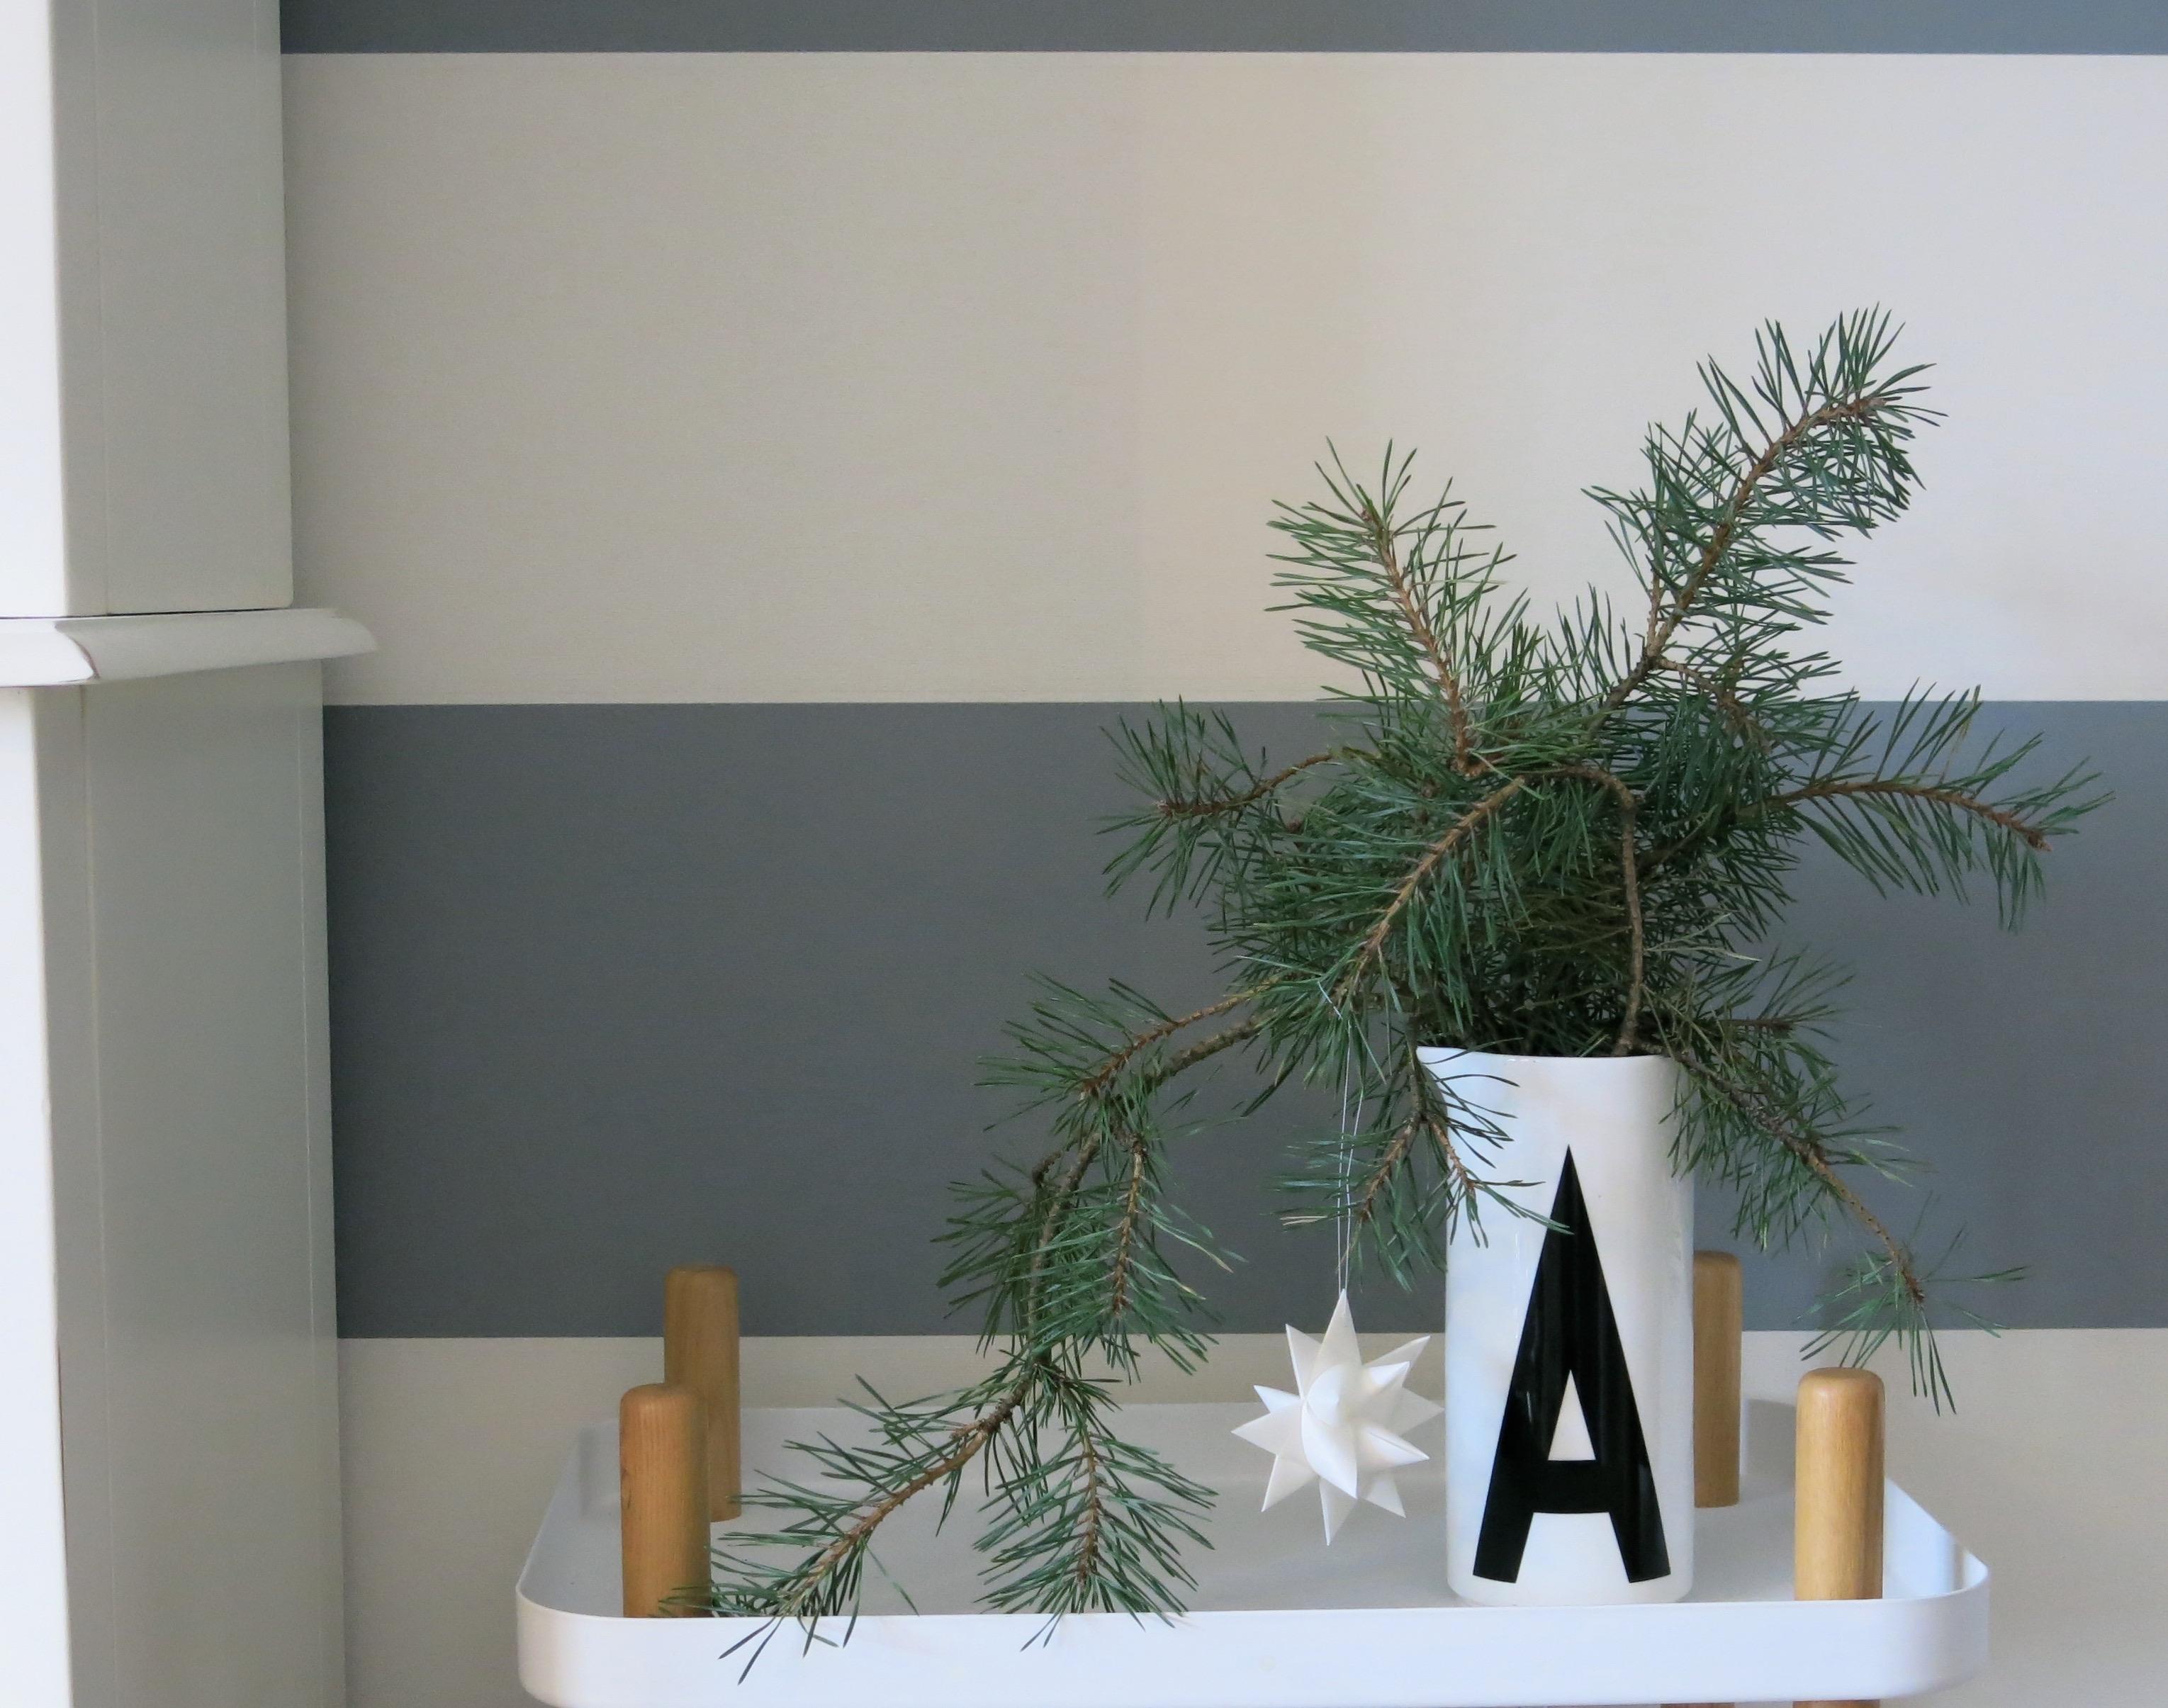 Wohnen Living Skandinavisch Diy Blog Deko Winter Umbau16